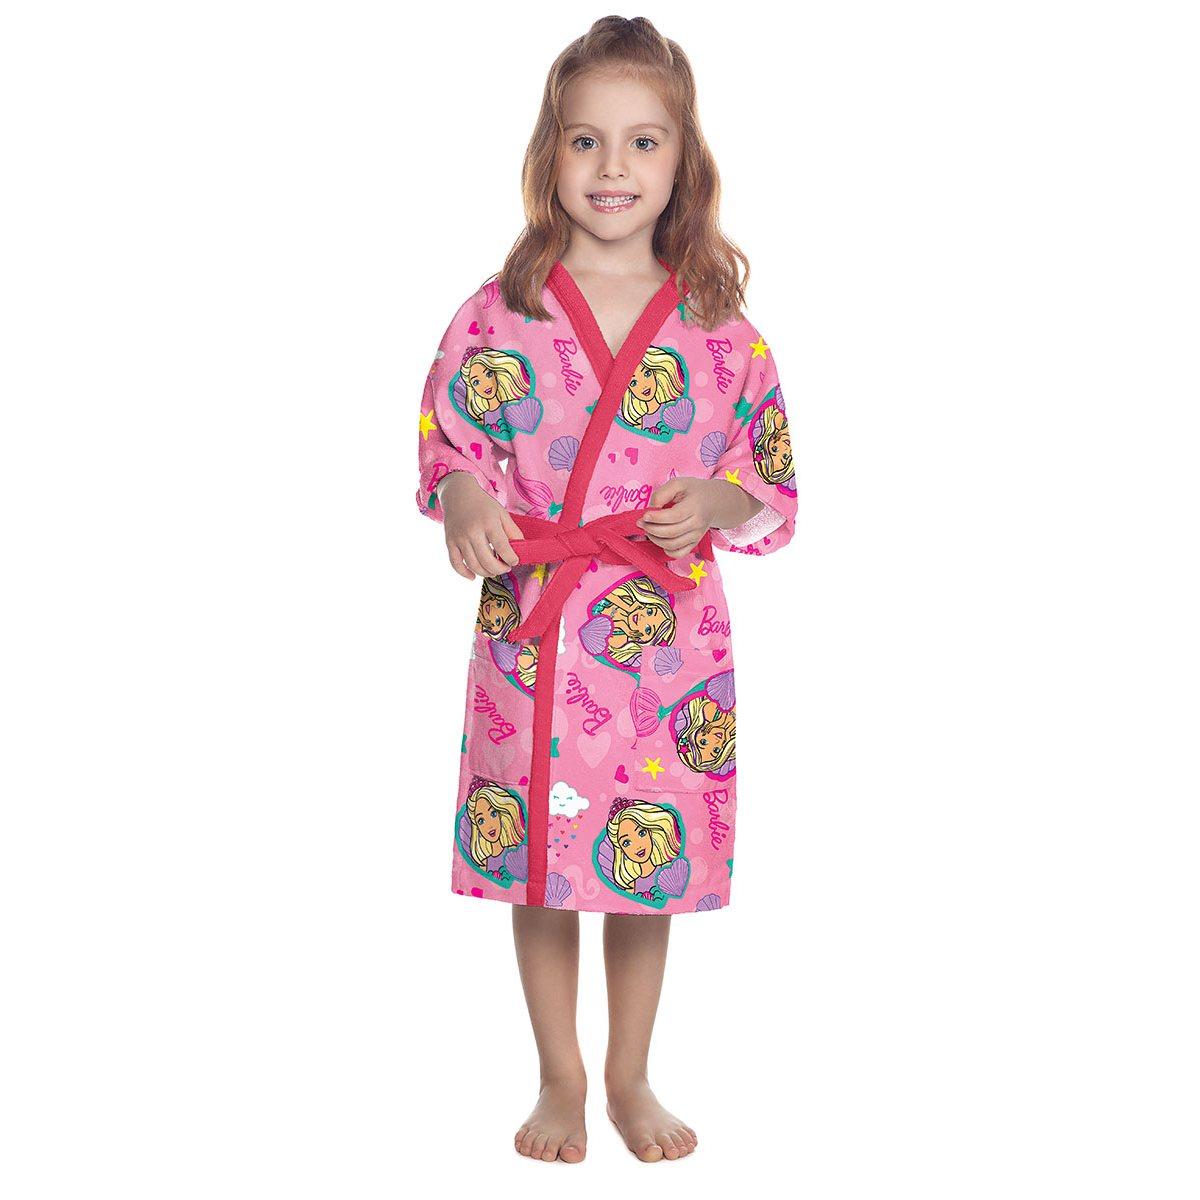 Roupão Infantil Aveludado M - Barbie 73207